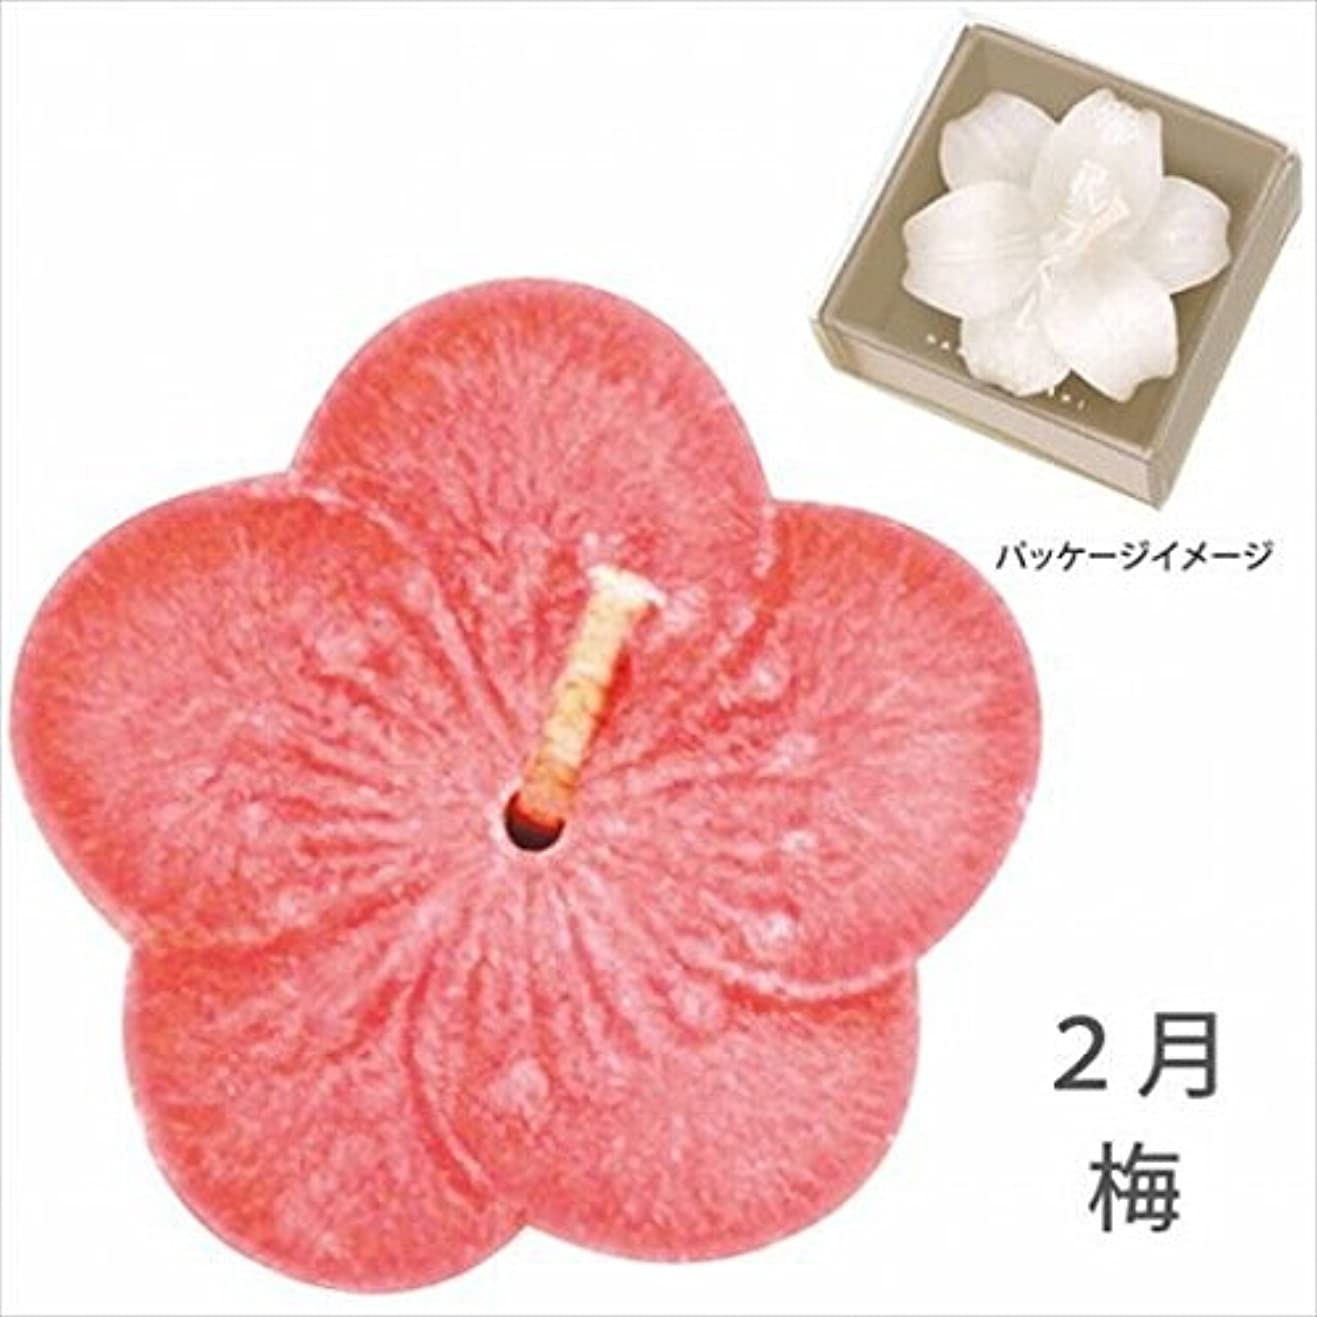 対人言語学チーターカメヤマキャンドル( kameyama candle ) 花づくし(植物性) 梅 「 梅(2月) 」 キャンドル